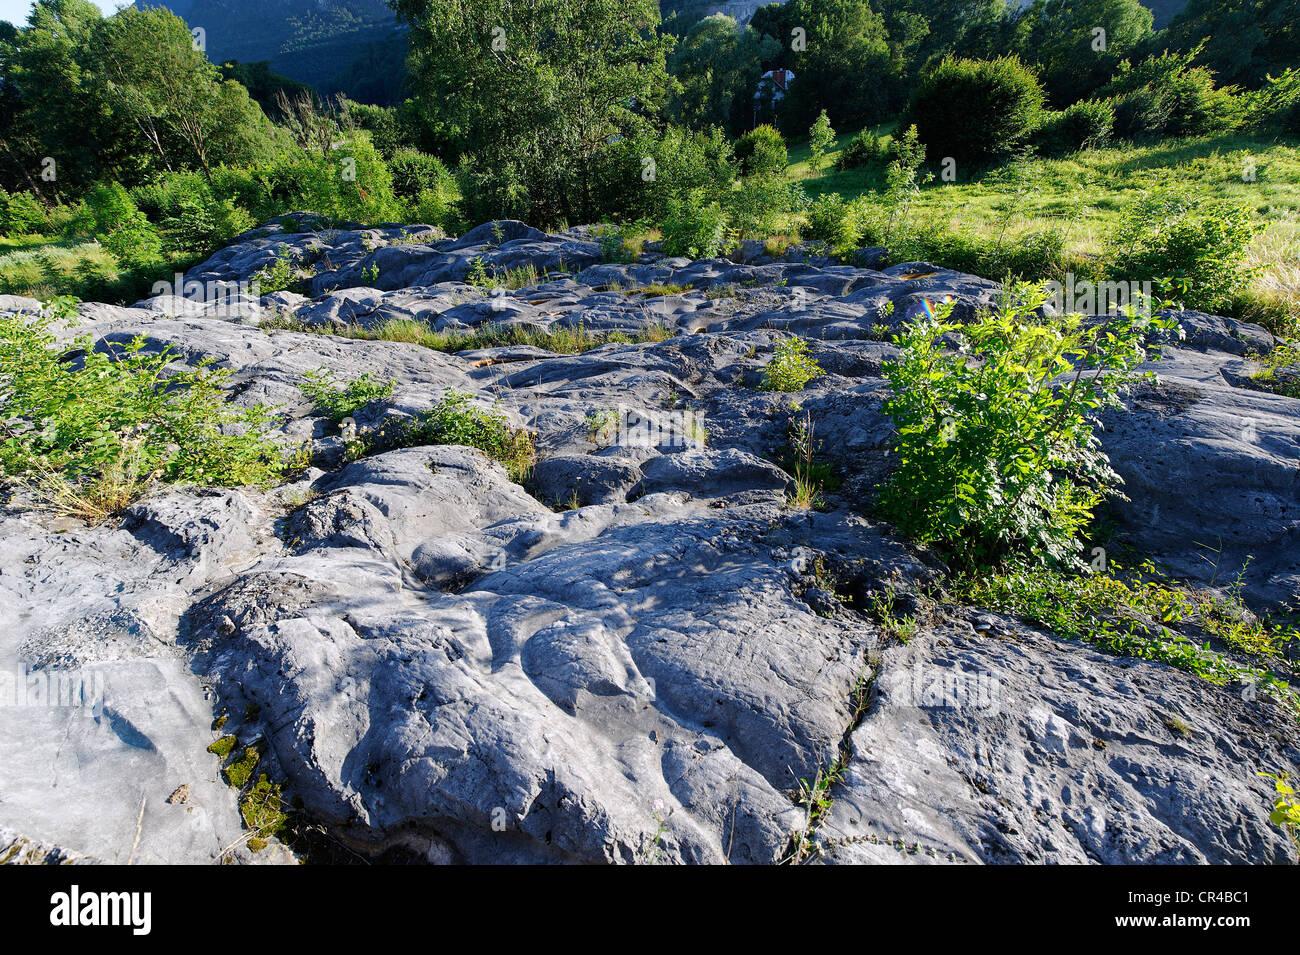 Las estrías glaciales patrones en rocas, Fischbach, Flintsbach, Alta Baviera, Baviera, Alemania, Europa Imagen De Stock